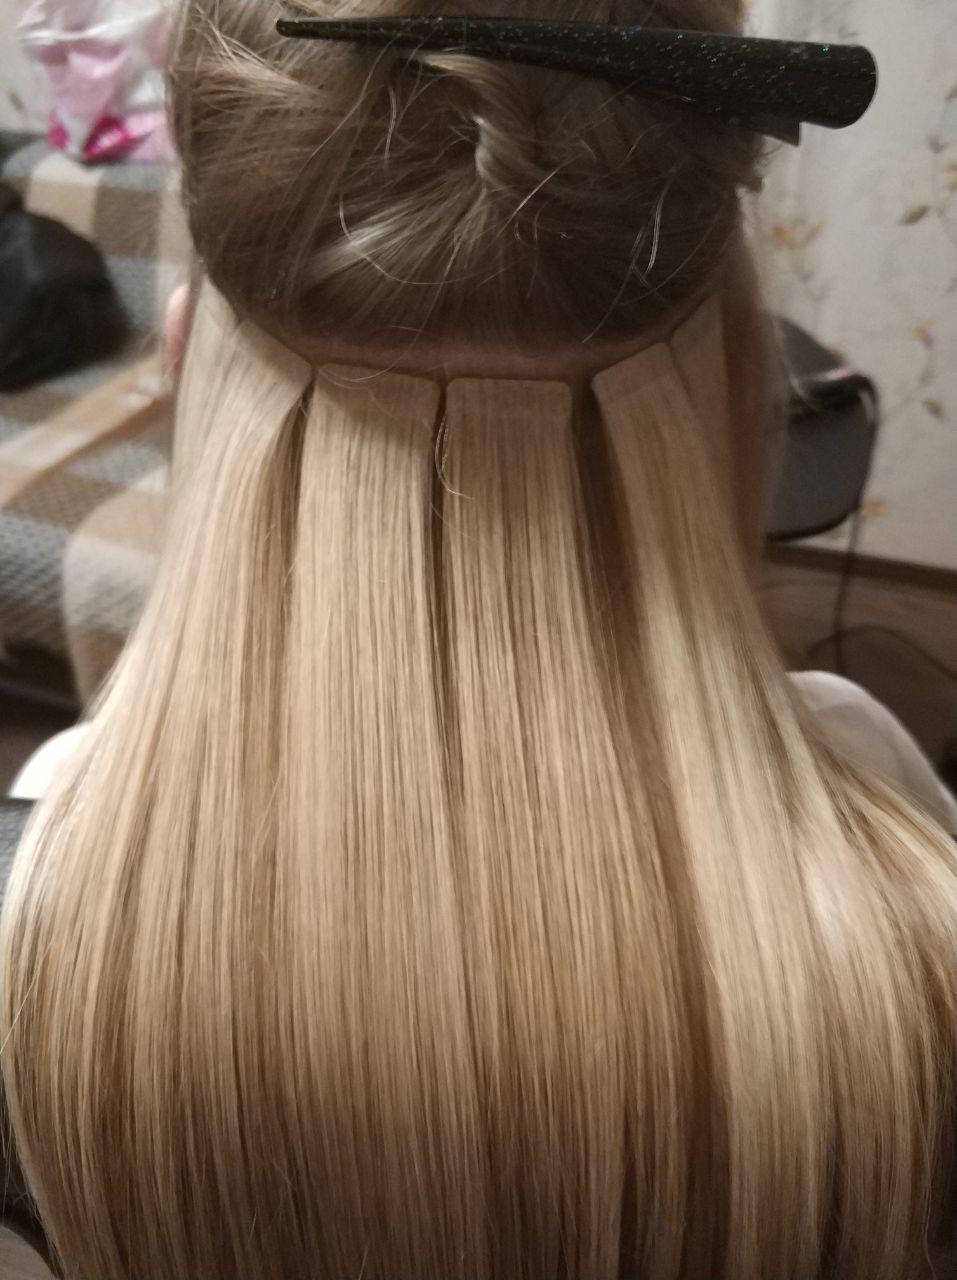 Как нарастить волосы в домашних условиях самой: 3 лучших метода